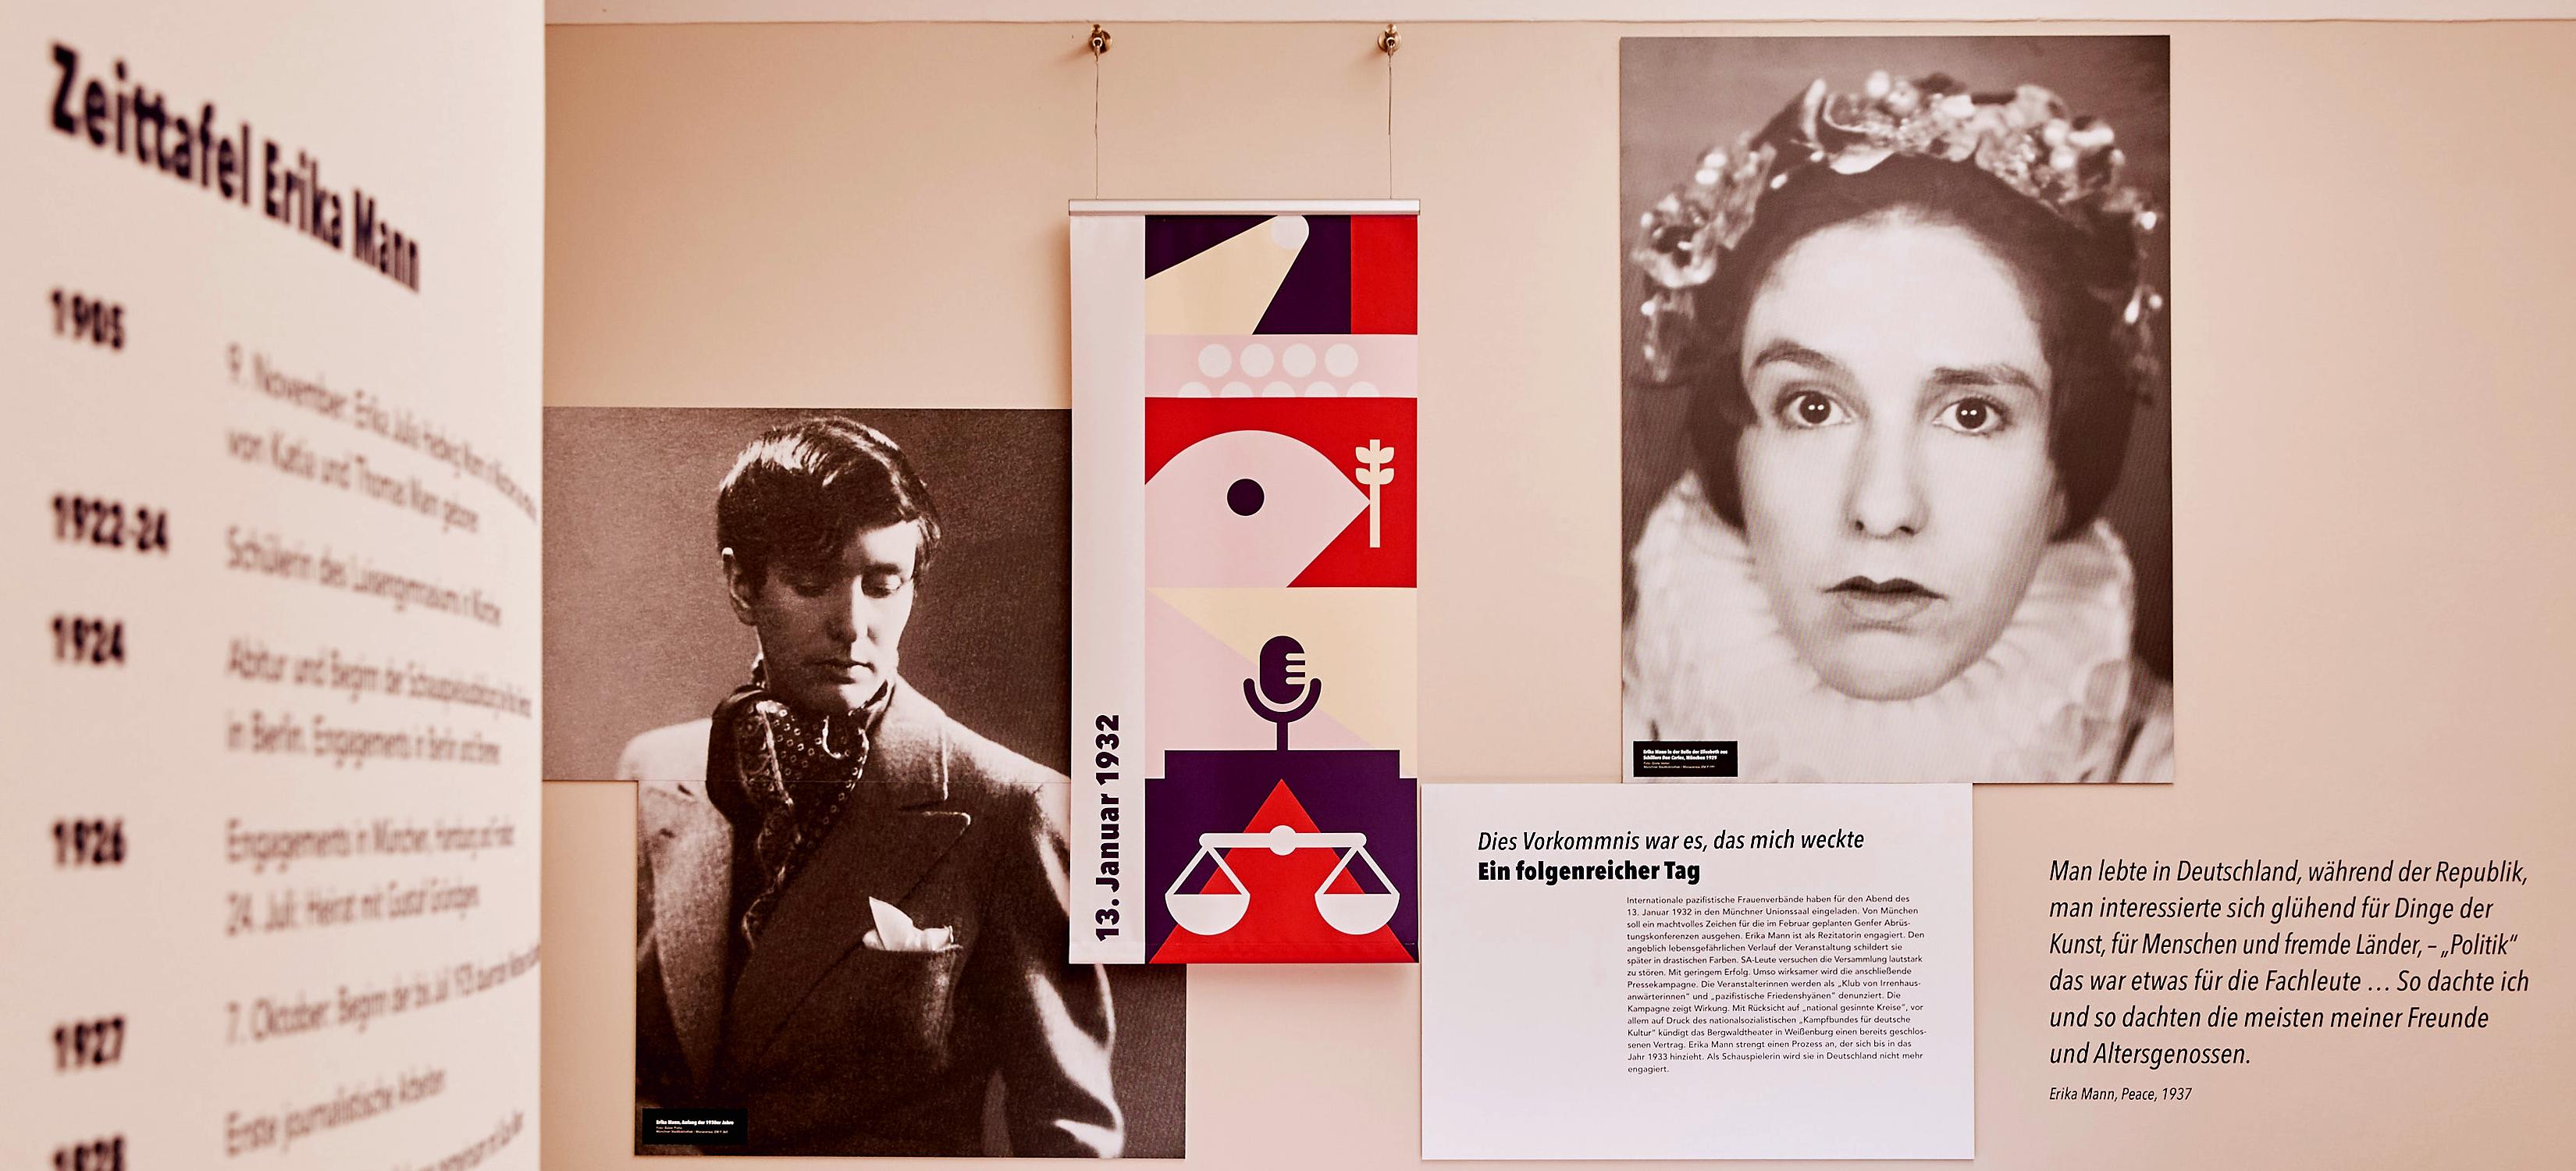 großformatige Portraits in der Ausstellung